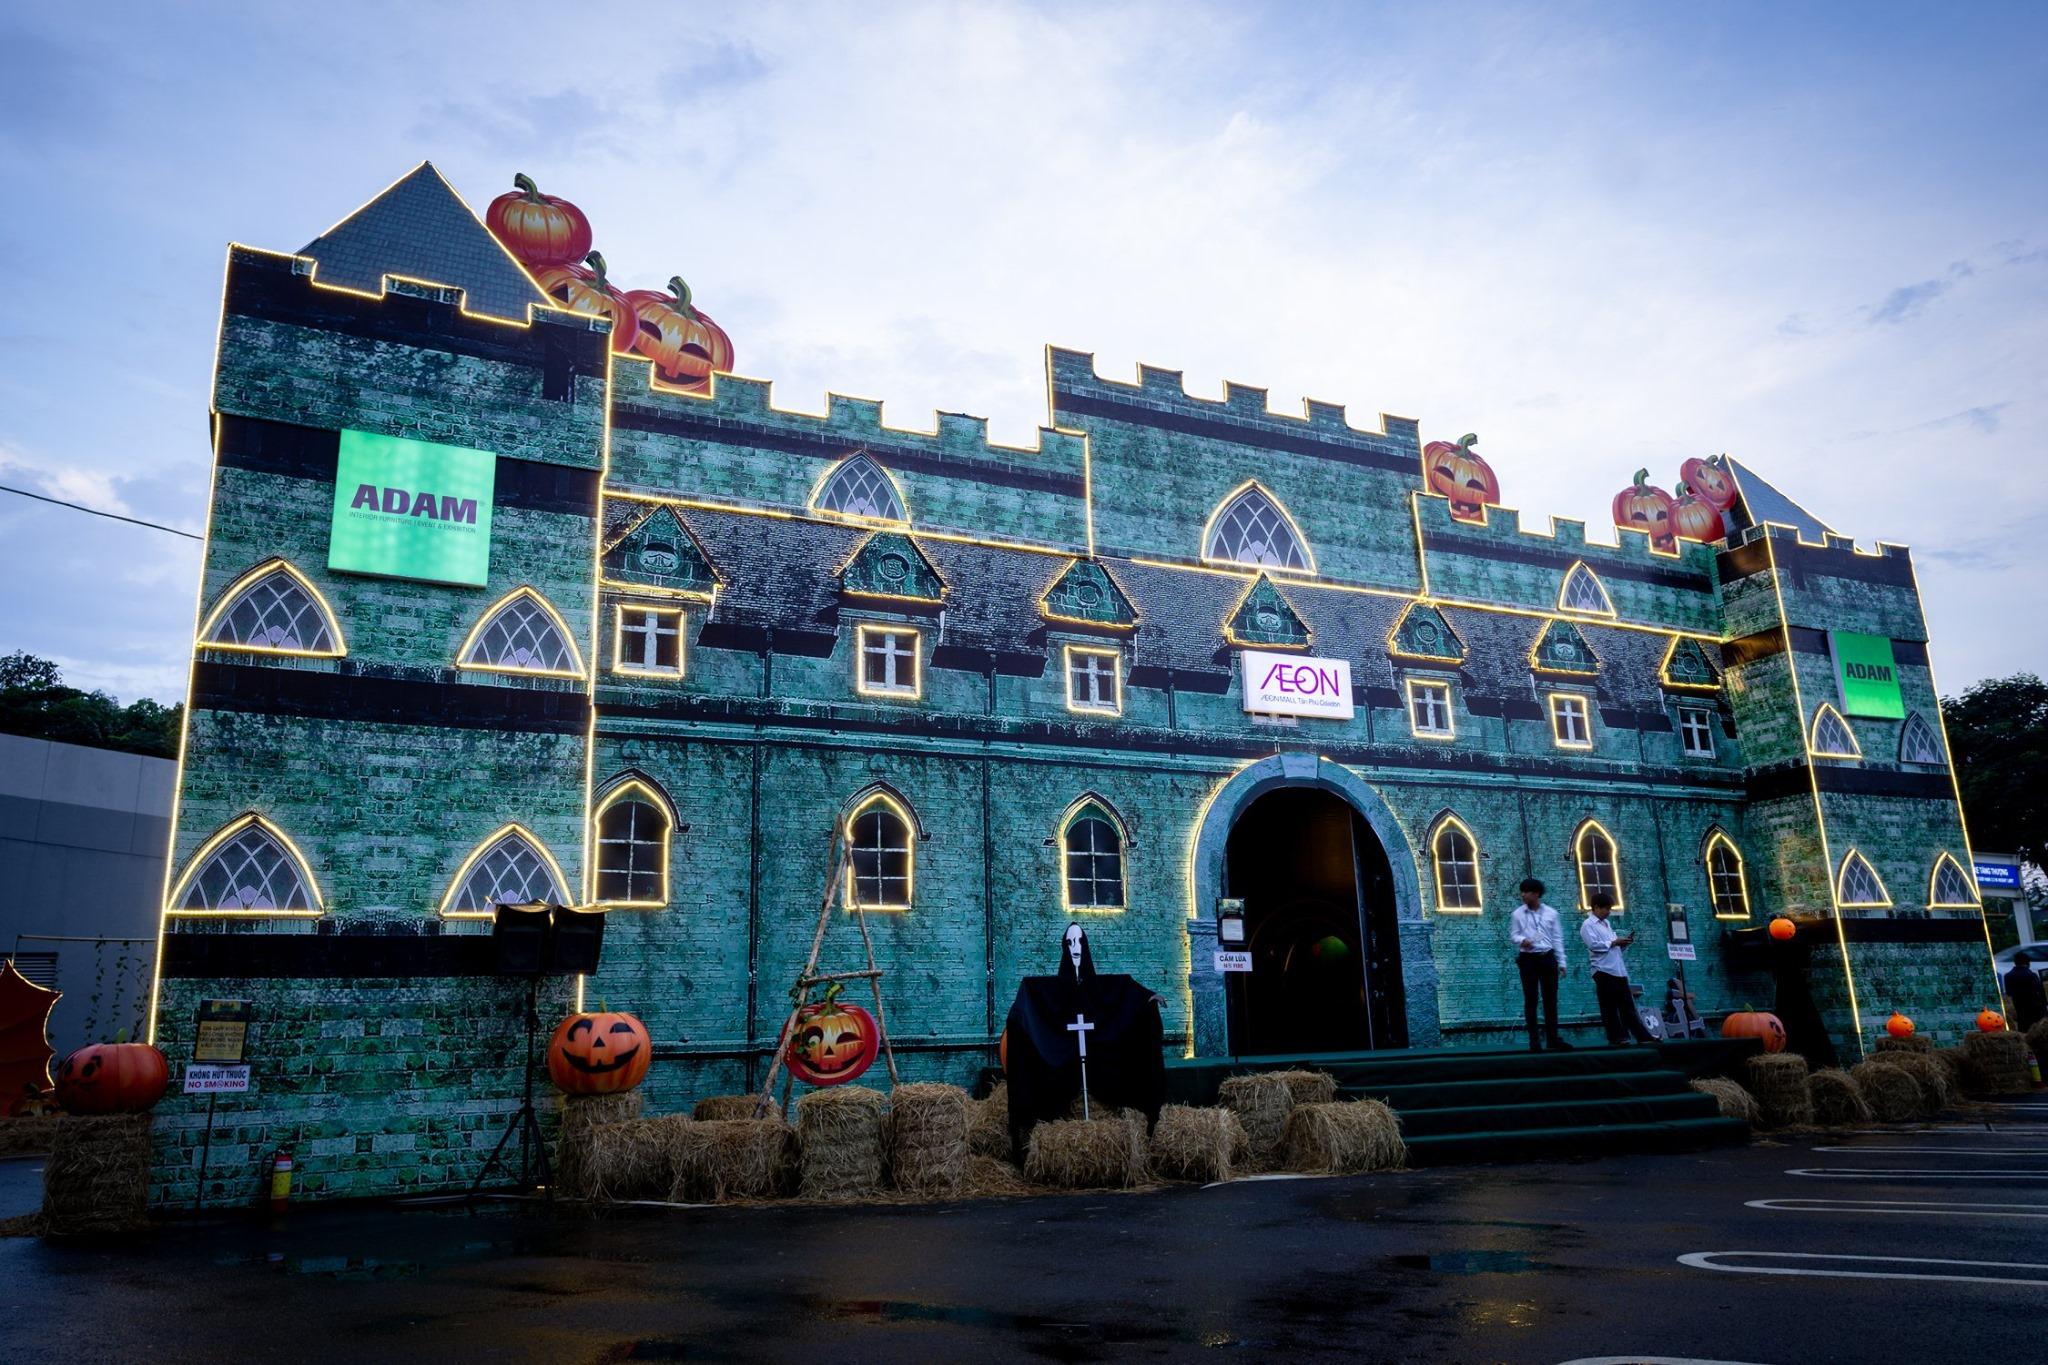 Khám phá loạt địa điểm vui chơi Halloween được check-in nhiều nhất tại Sài Gòn  - Ảnh 13.